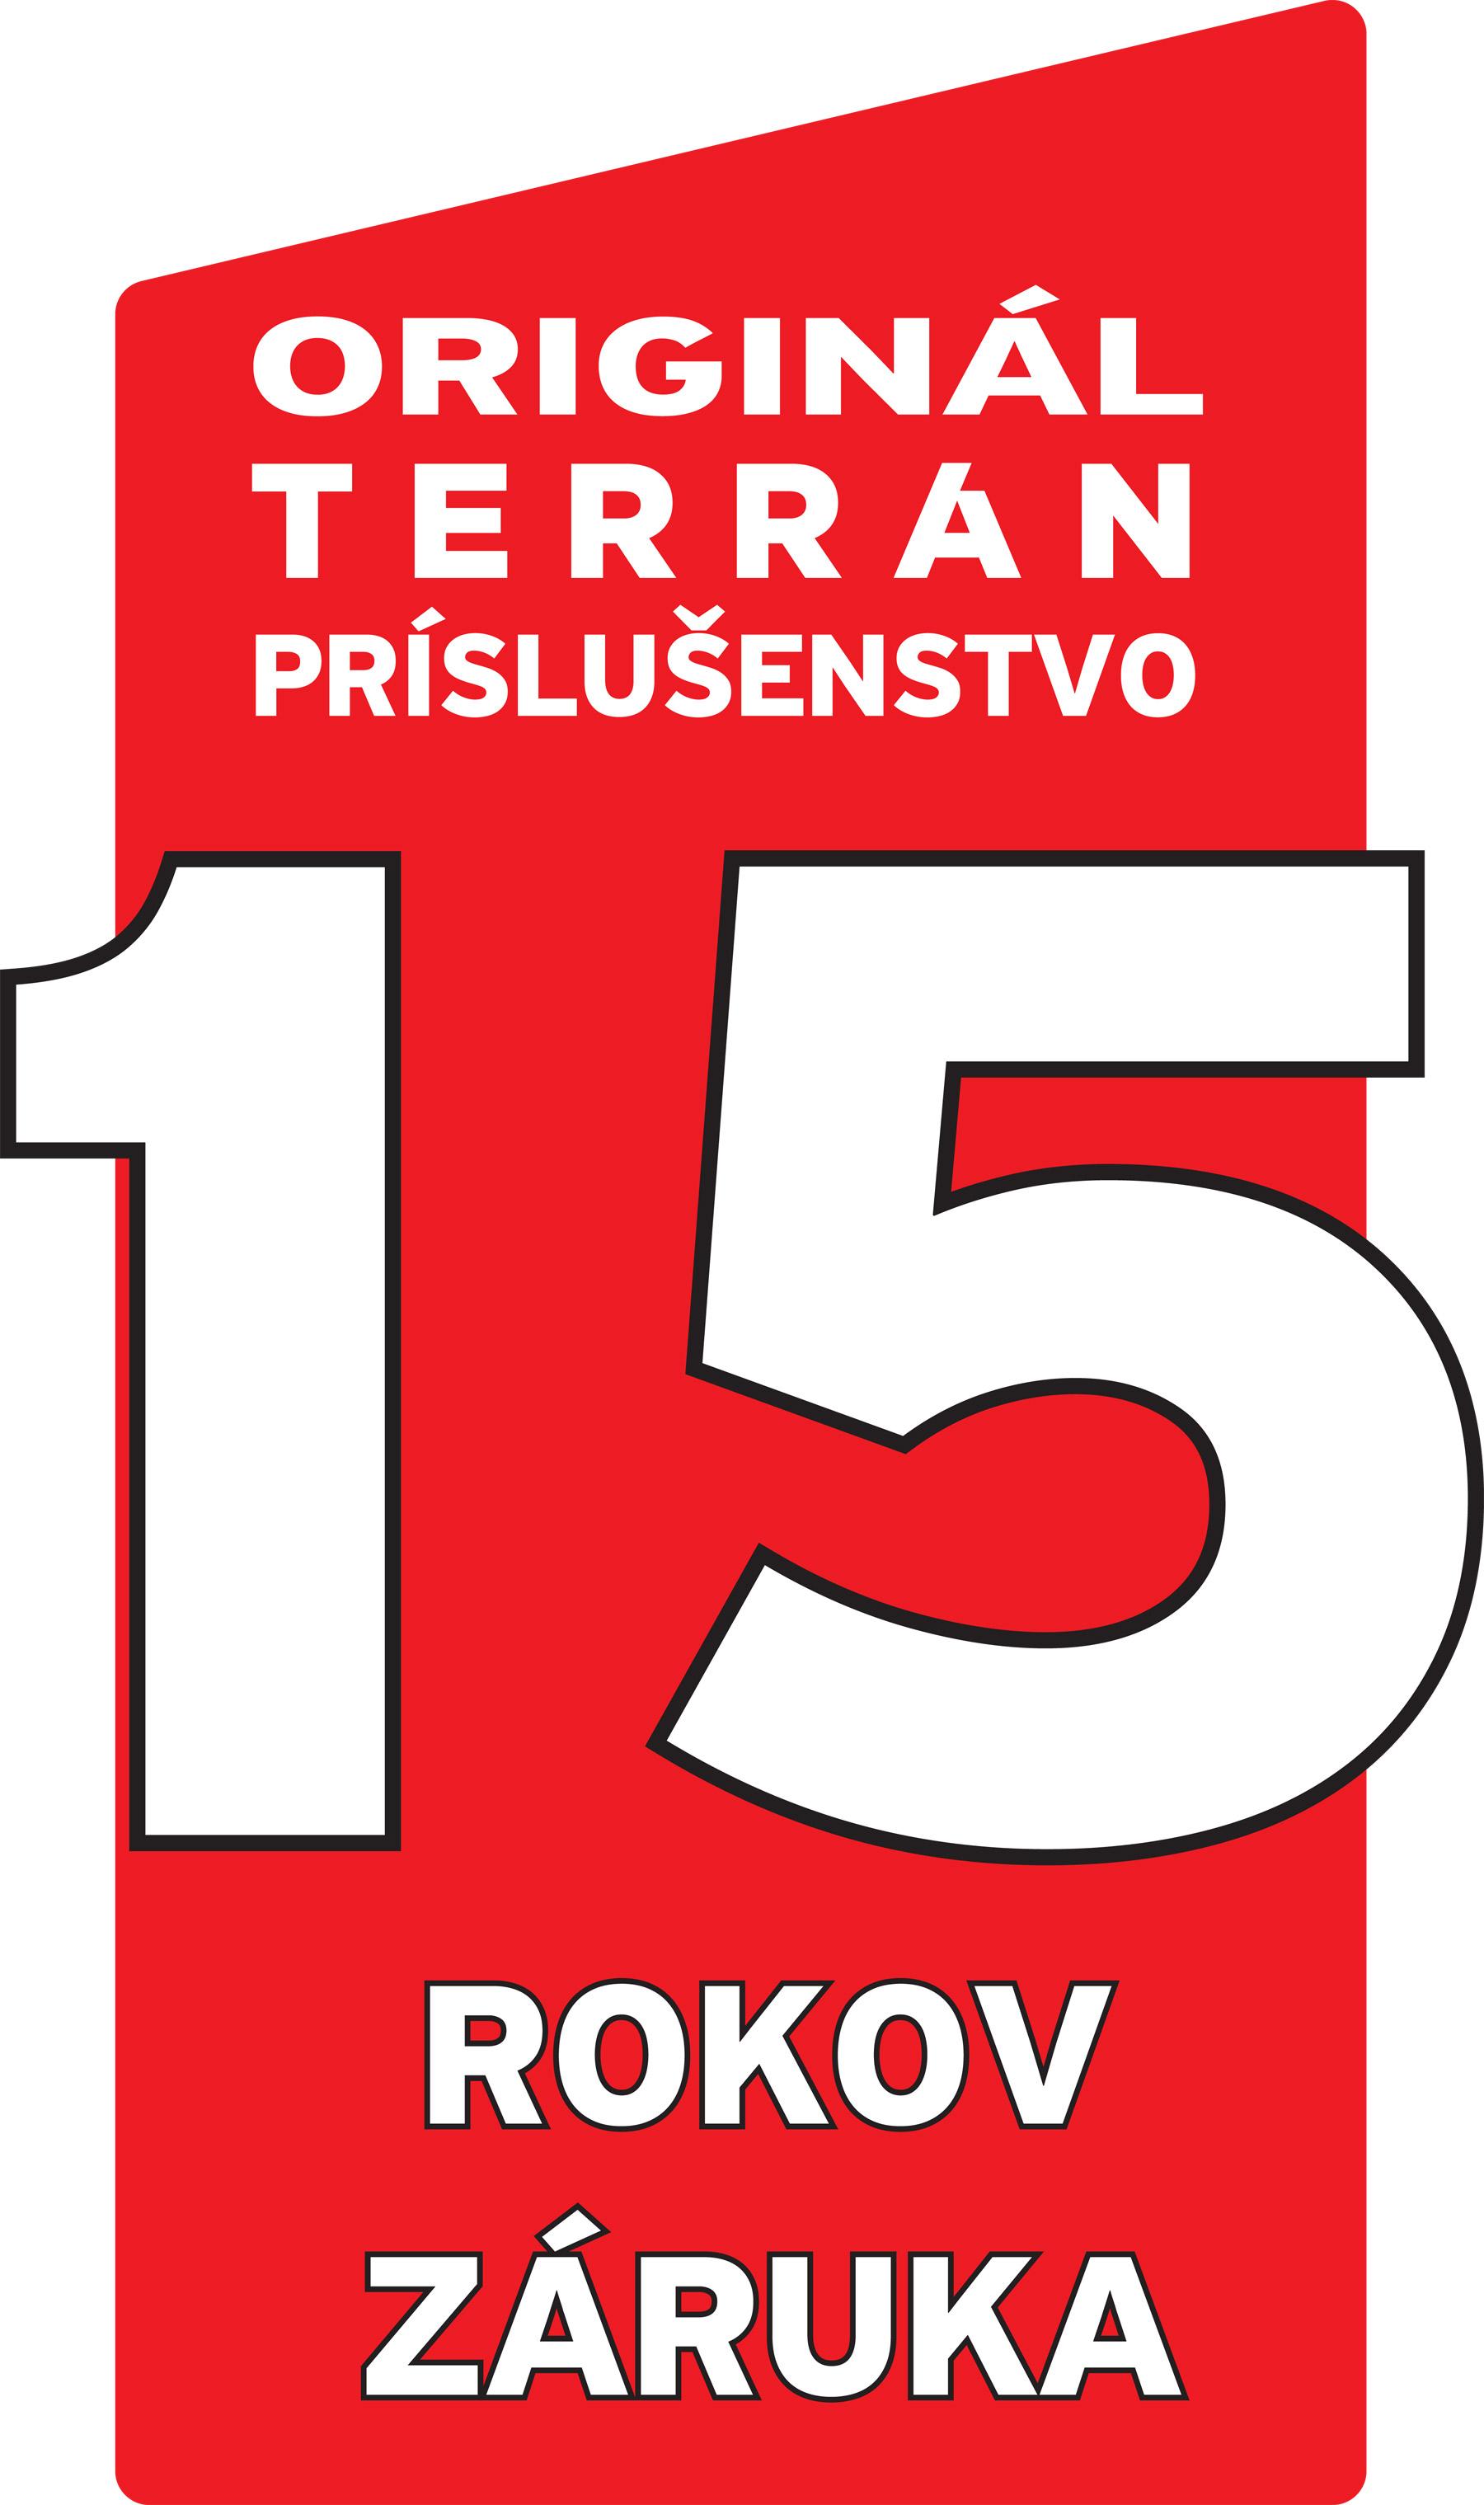 Terran logo zaruka 15rokov funkcnost